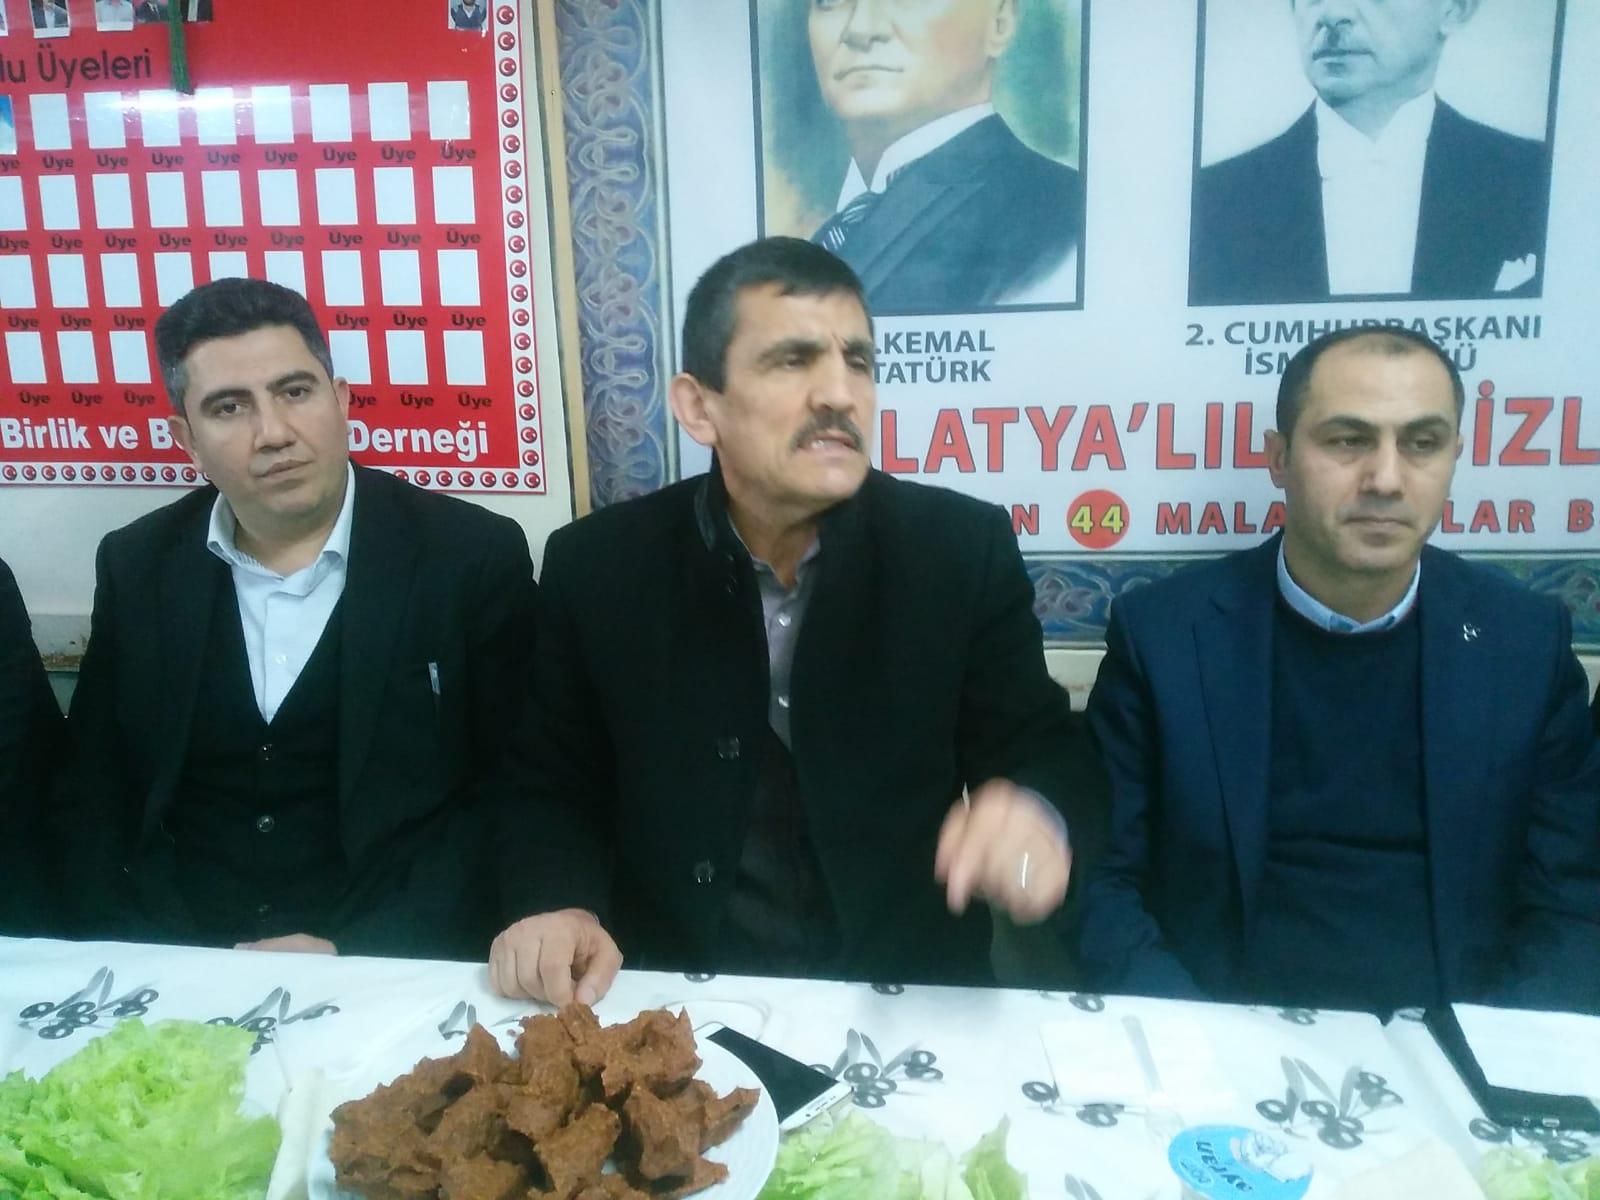 Erdem Karakoç; Türkiye siyasetinde herkes kendi bacağından asılacak